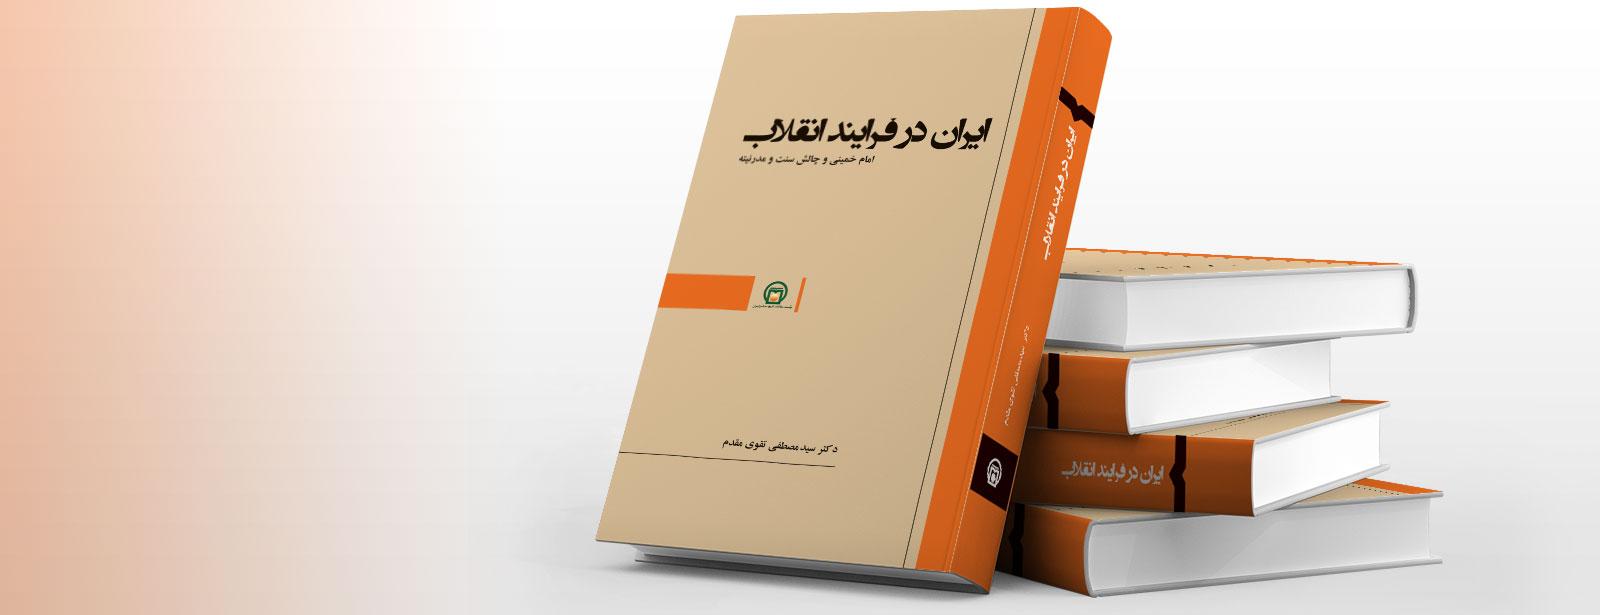 ایران در فرآیند انقلاب